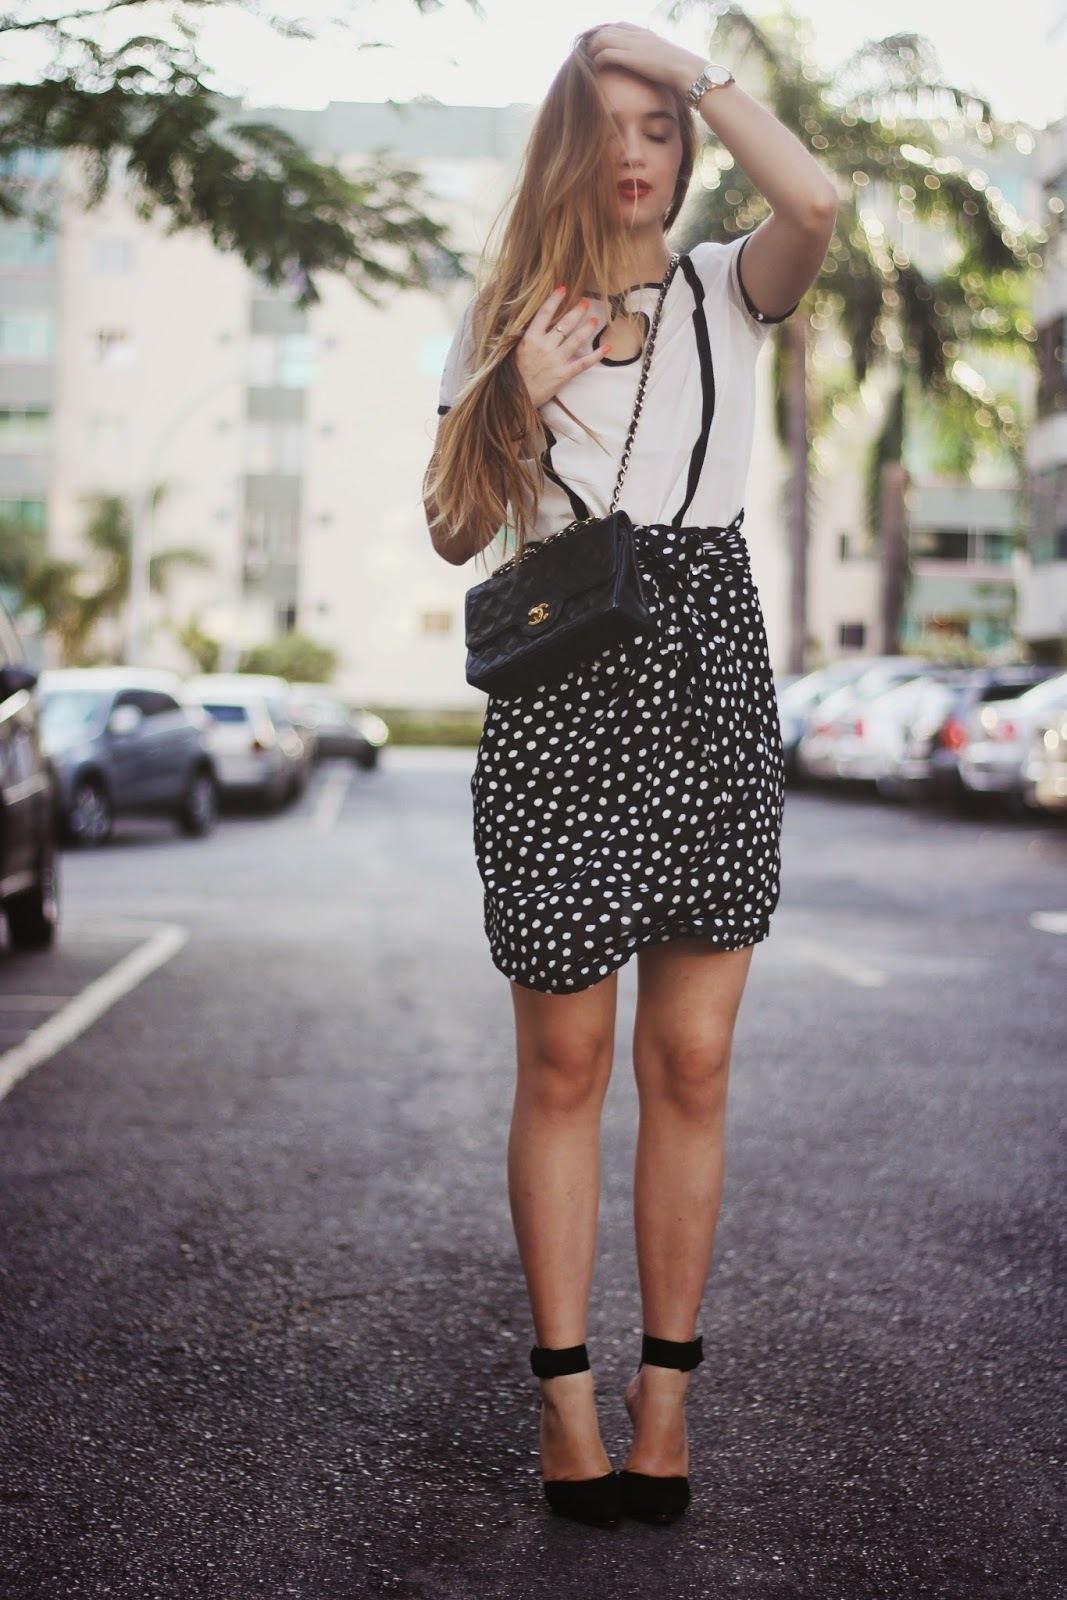 bd586ae24 Cómo combinar una falda lápiz negra con una blusa de manga corta ...